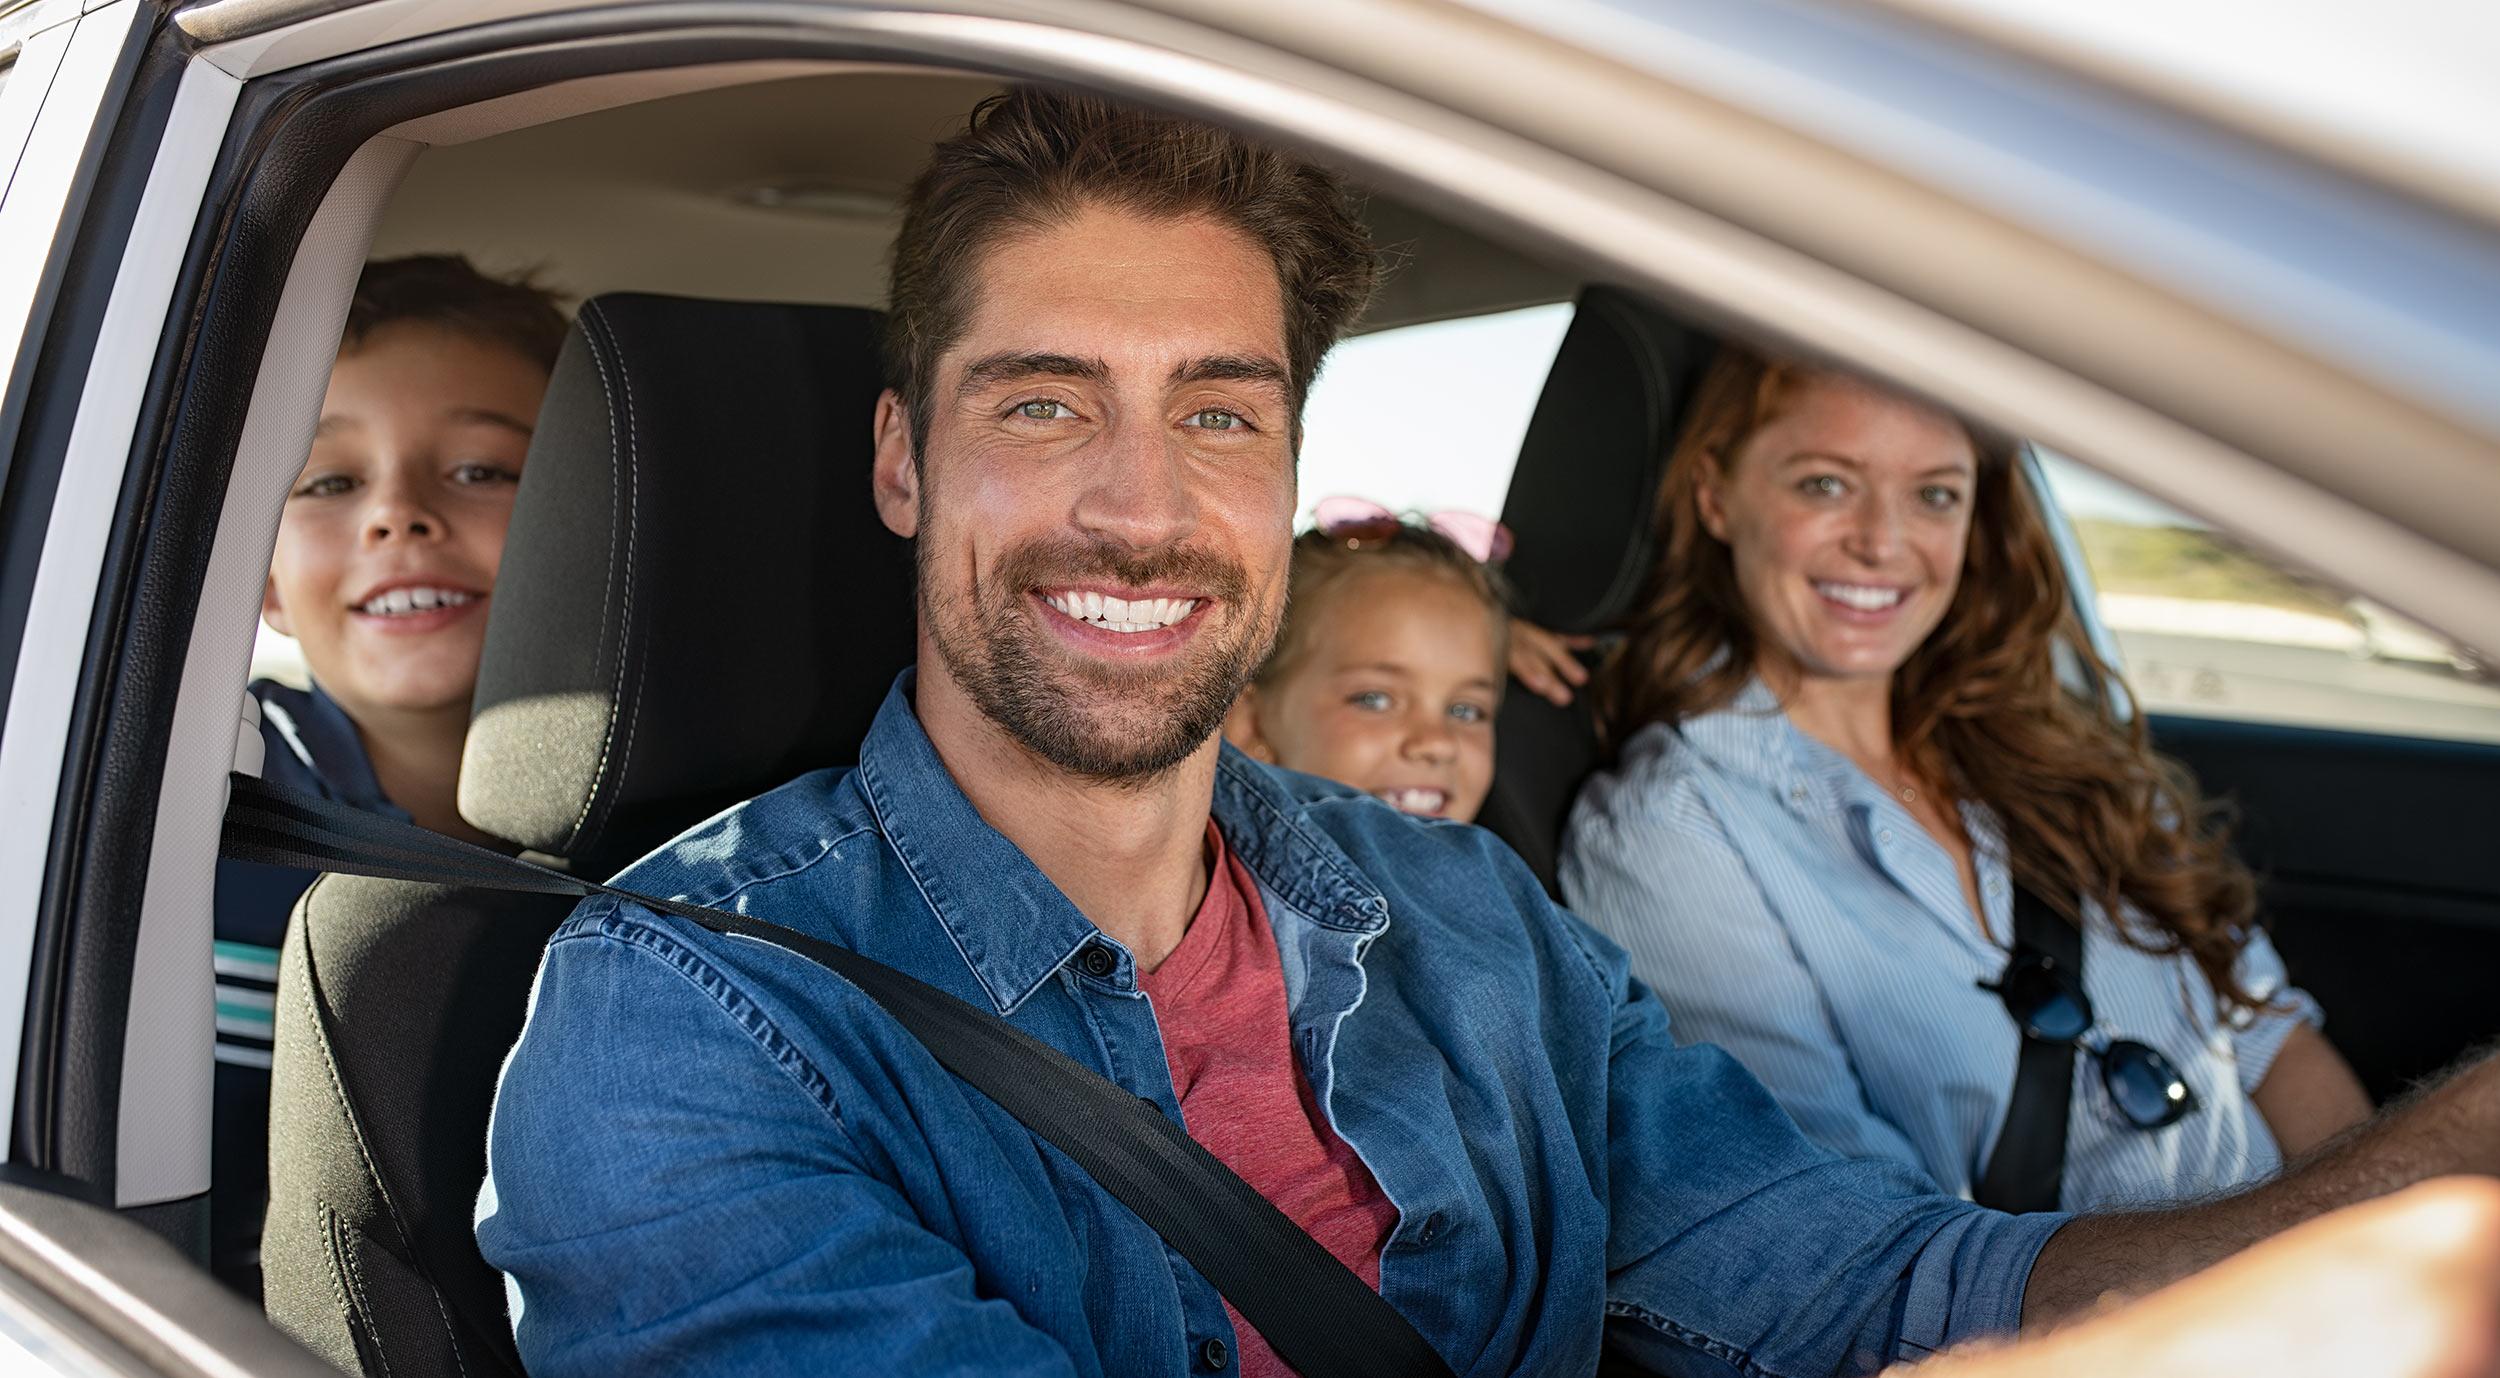 Familie lachend in einen Auto. Vorne: Frau und Mann. Hinten zwei Kinder (Junge und Mädchen)